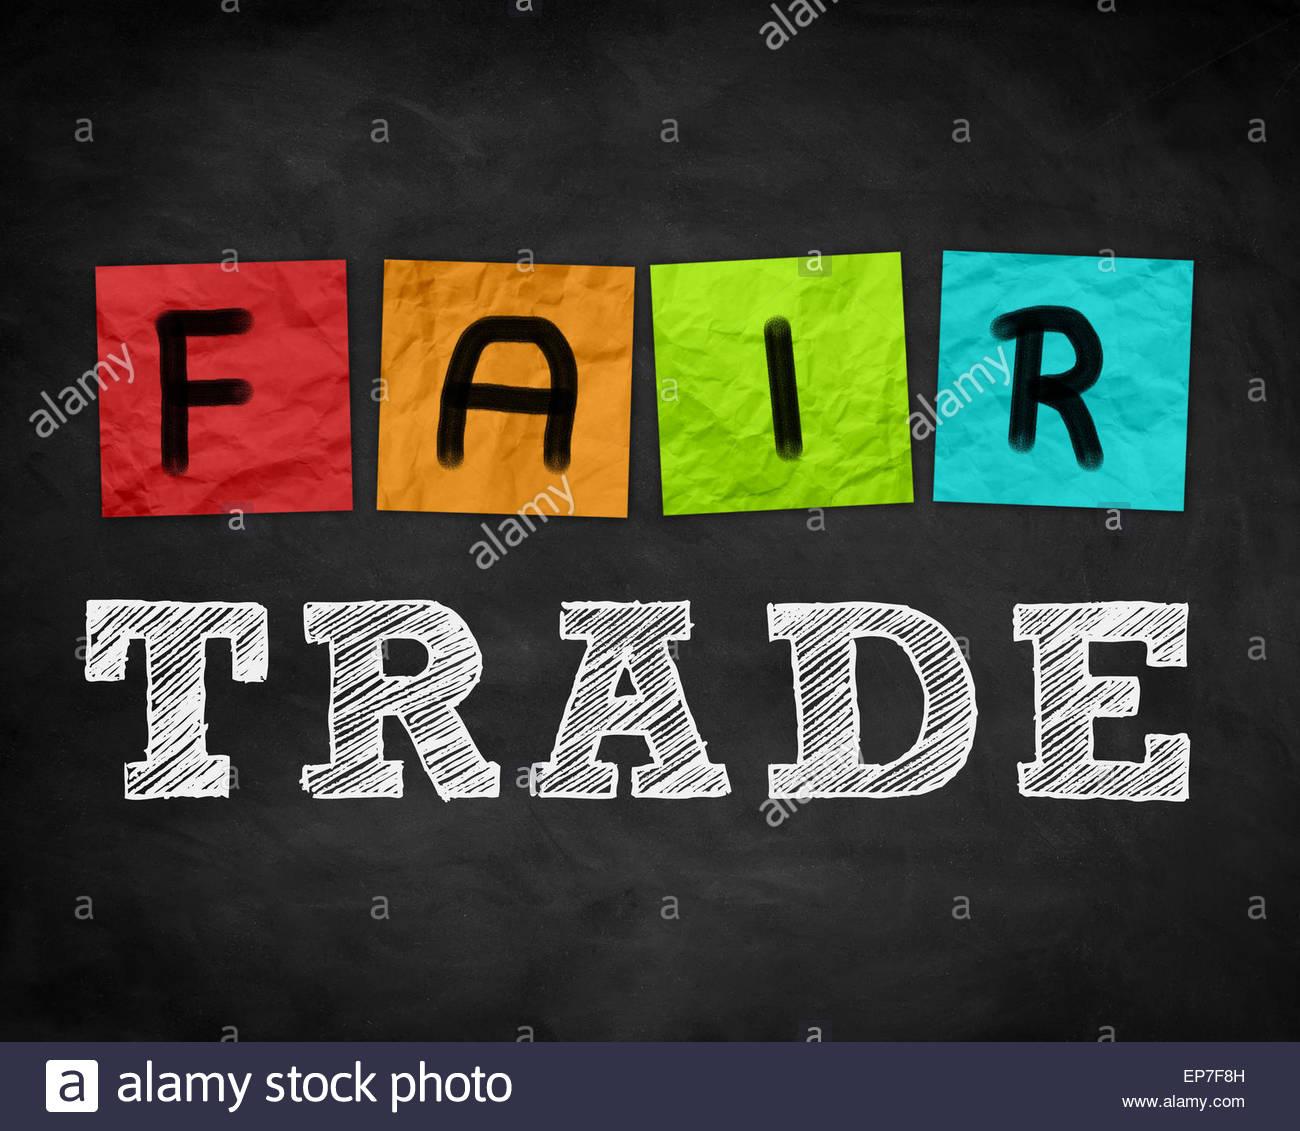 Fair Trade - Stock Image